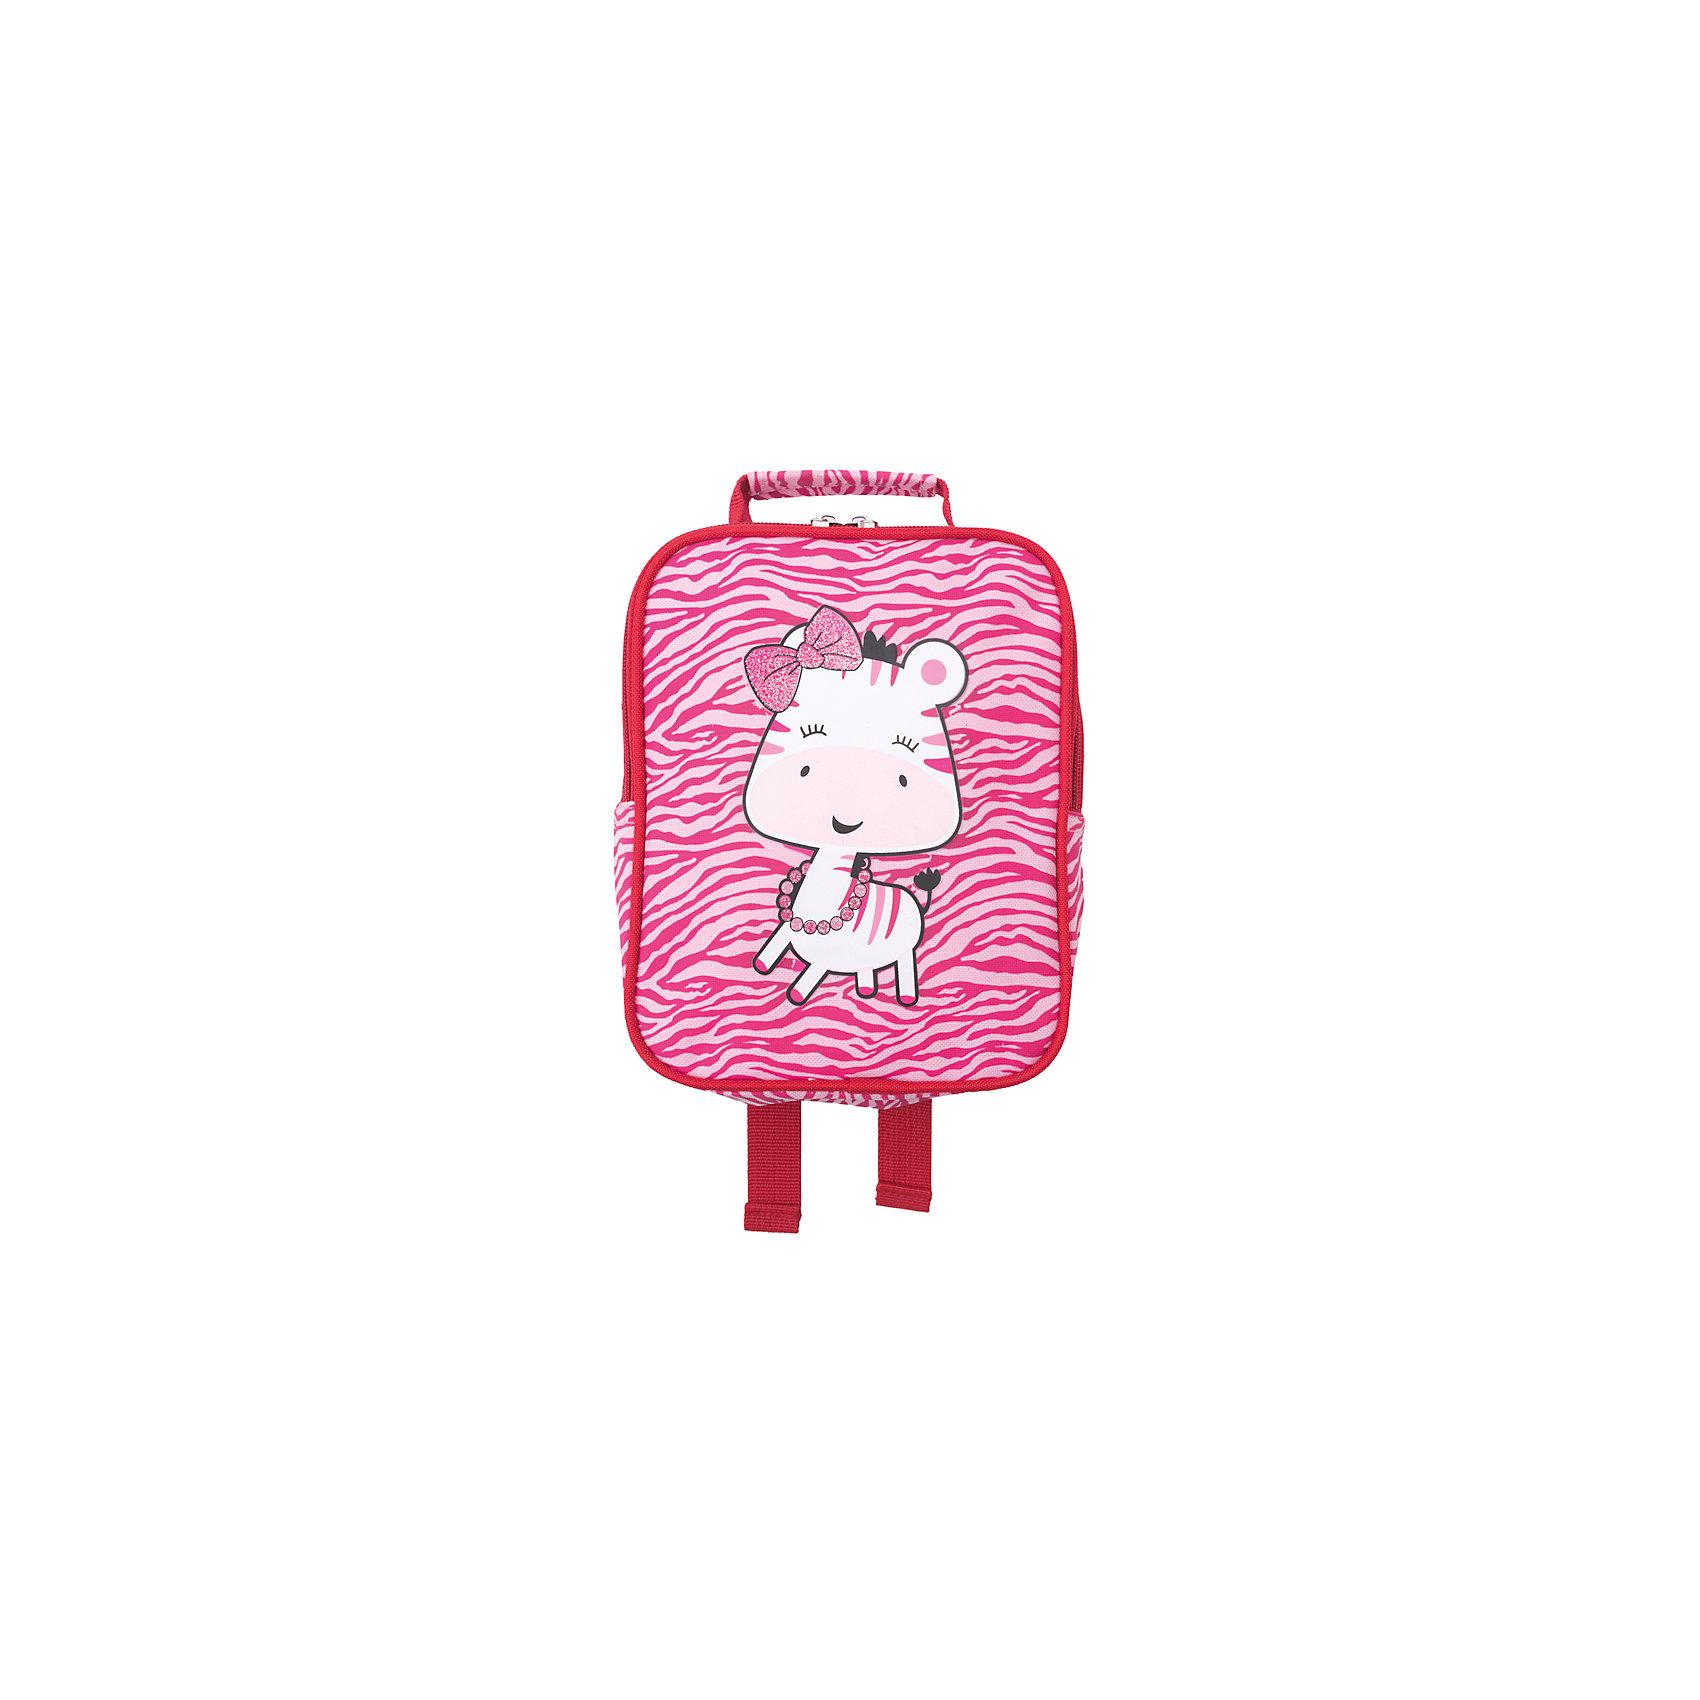 Сумка для девочки PlayTodayАксессуары<br>Сумка для девочки PlayToday<br>Стильный рюкзак для девочки. Верх утягивается шнурком. Украшен стильной надписью.<br>Состав:<br>Верх: 100% полиэстер, отделка: 100% полиэстер<br><br>Ширина мм: 227<br>Глубина мм: 11<br>Высота мм: 226<br>Вес г: 350<br>Цвет: разноцветный<br>Возраст от месяцев: 6<br>Возраст до месяцев: 9<br>Пол: Женский<br>Возраст: Детский<br>Размер: one size<br>SKU: 5408455